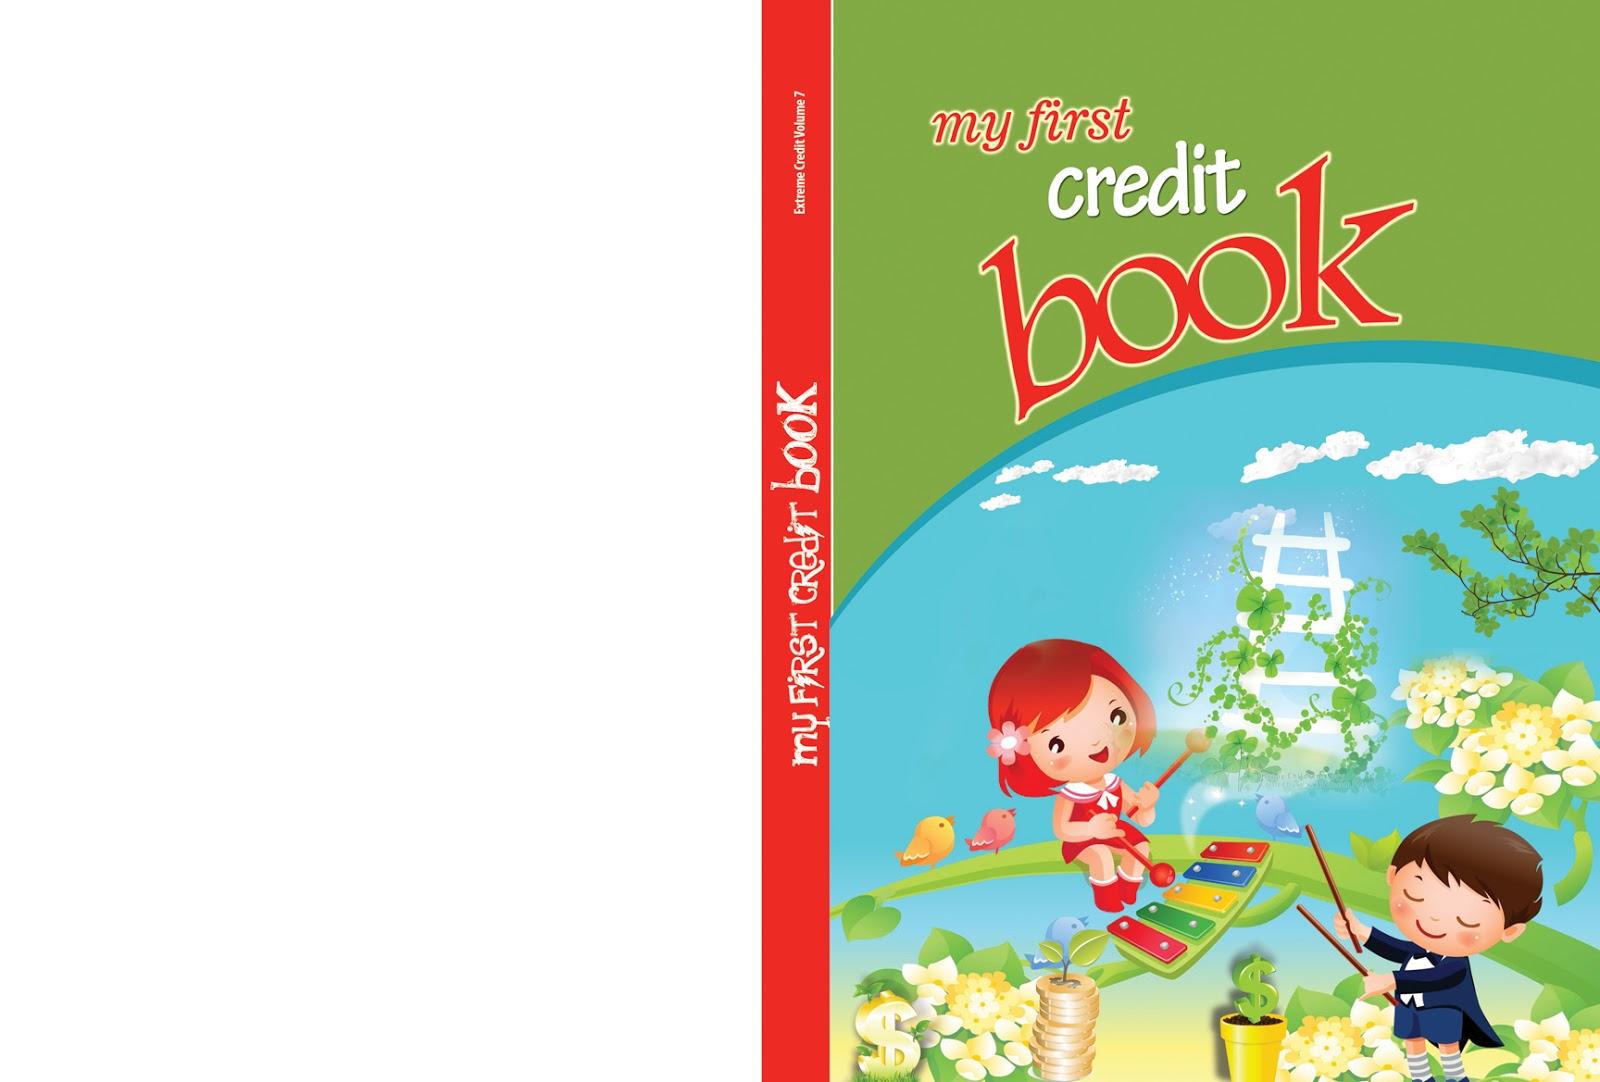 √ creative Design: Book Cover Designs / E Book Covers